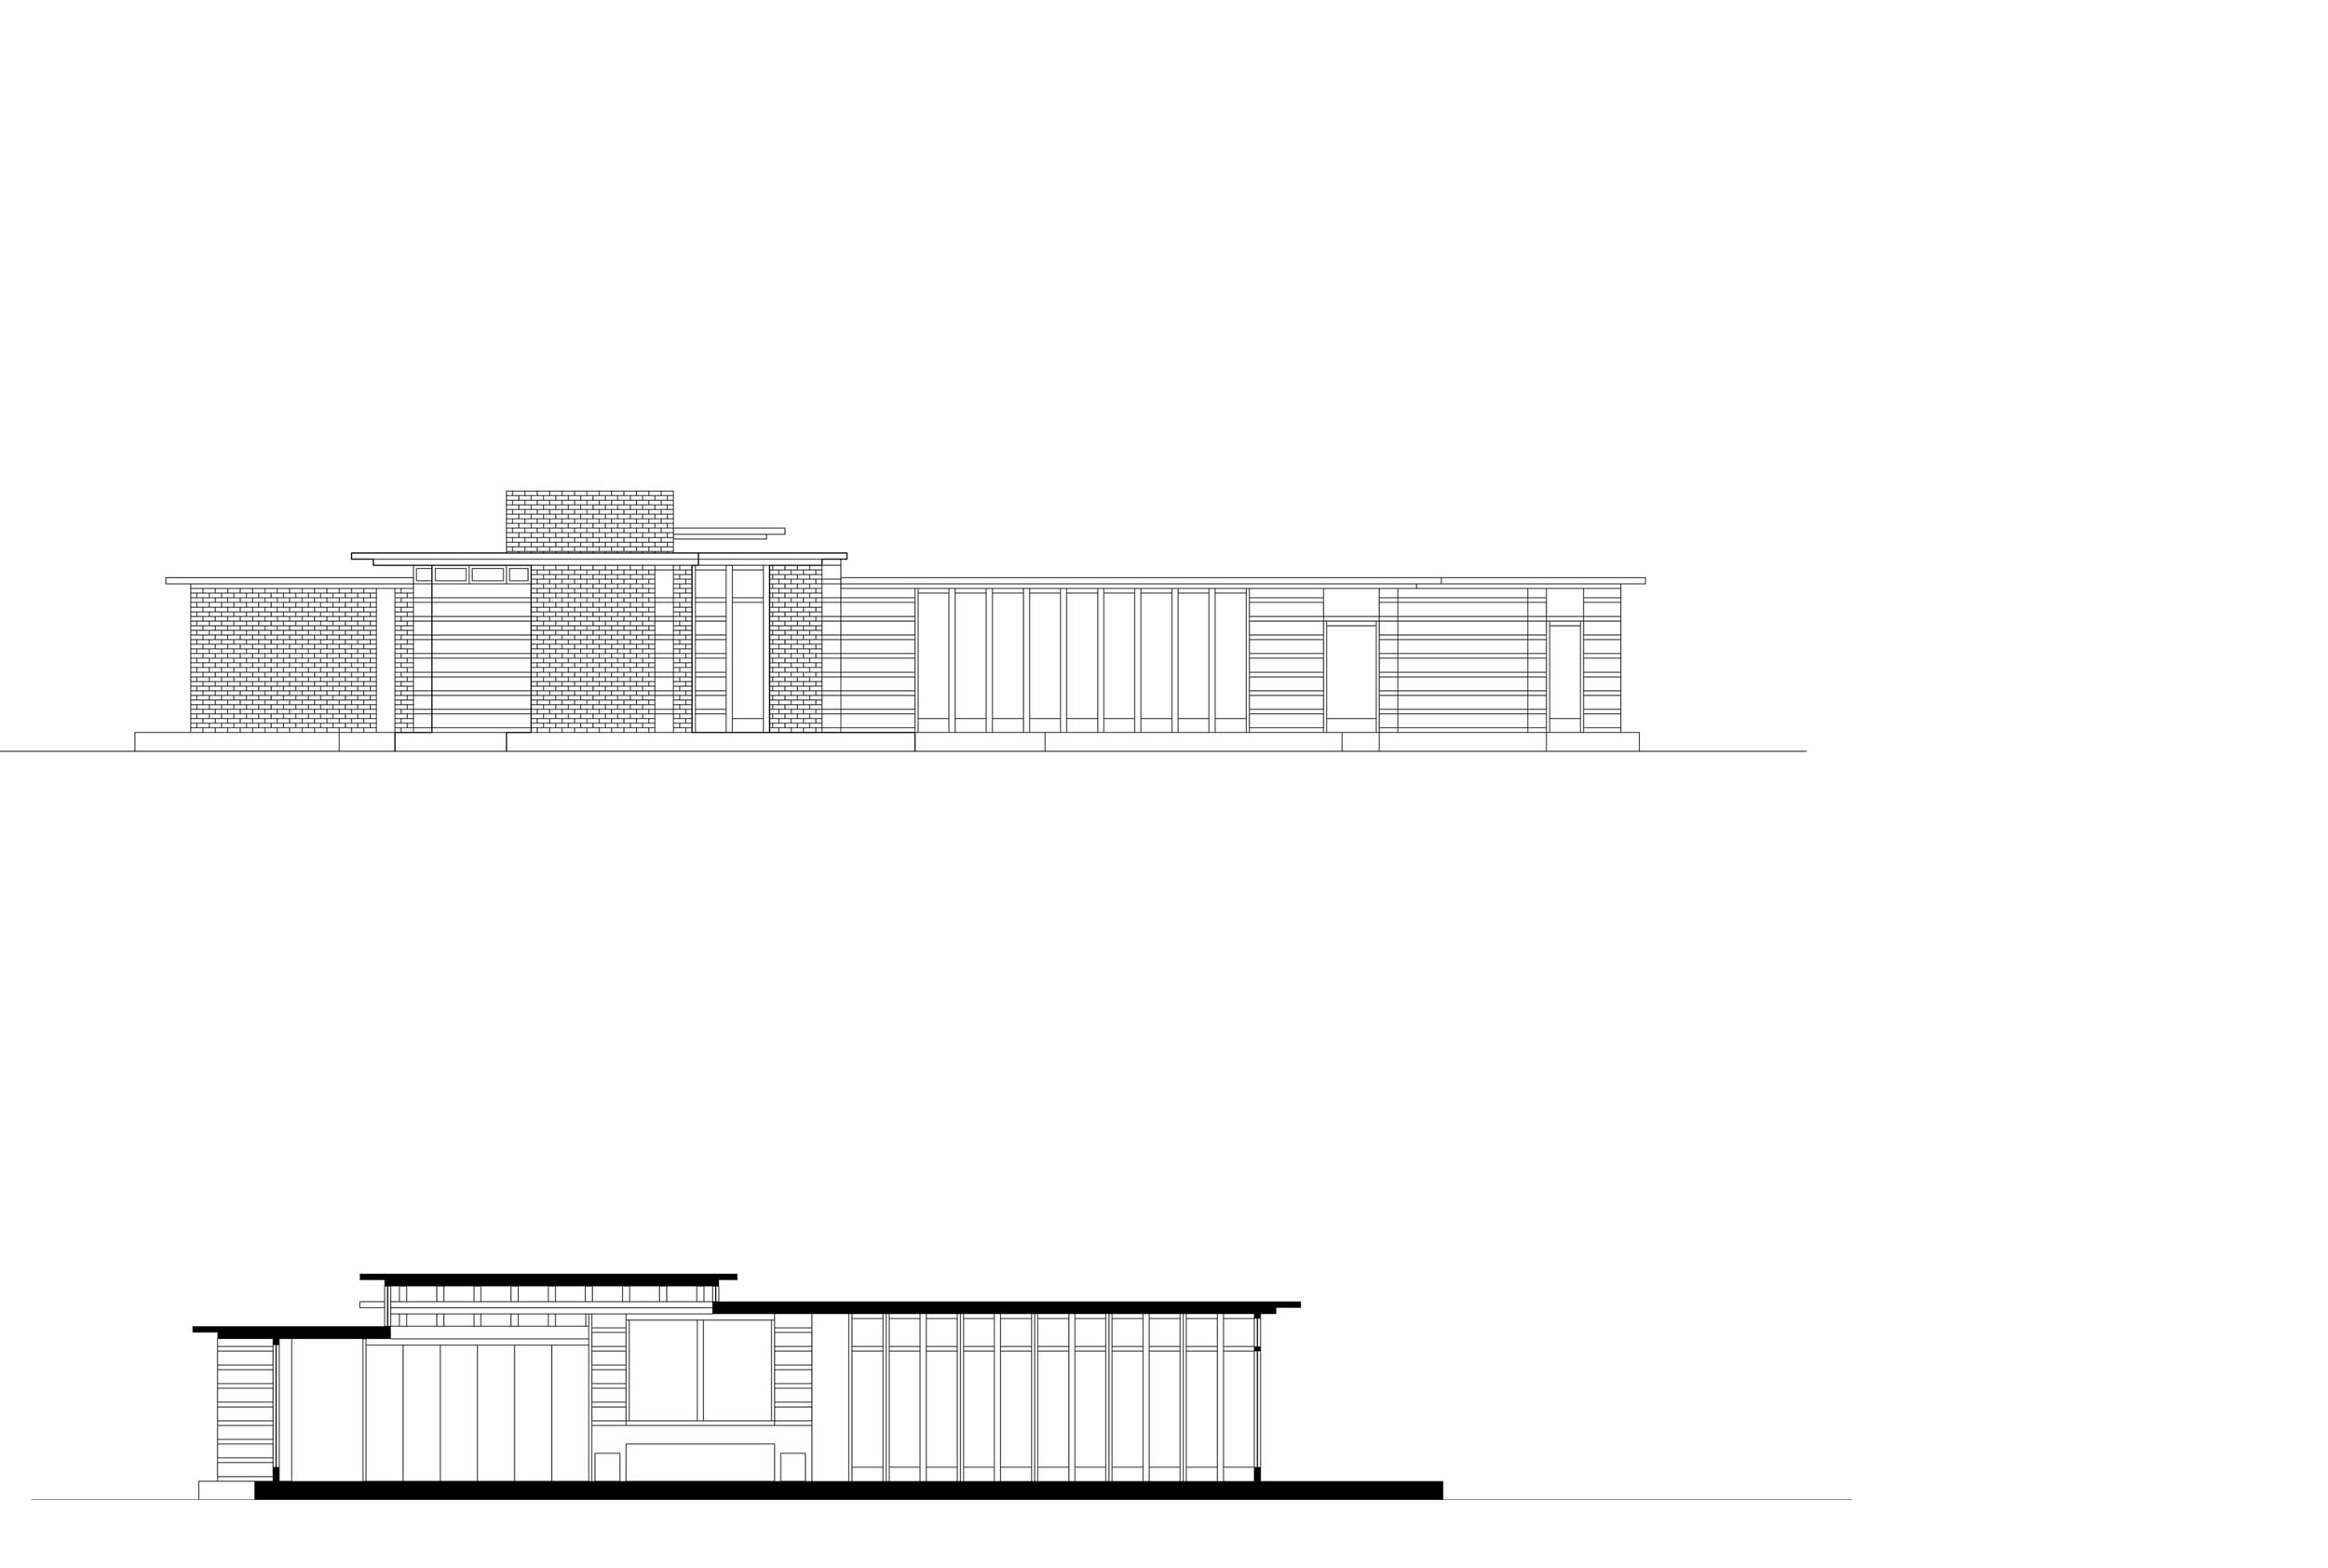 Alex-Kaiser-Different-photoshop-plan-architecture-02.jpg